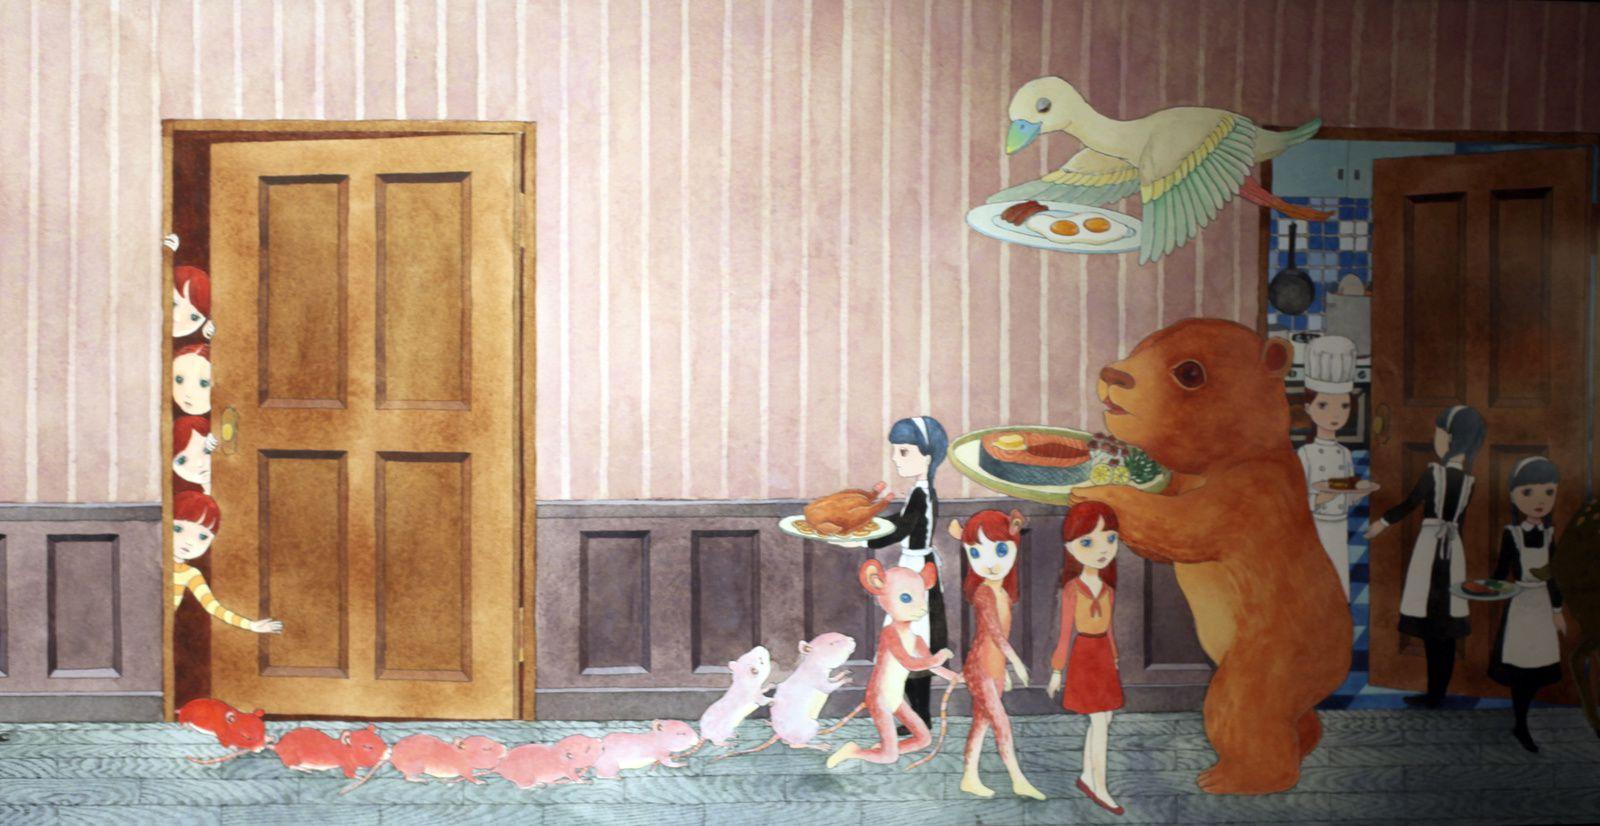 """""""Le couloir"""", 2012 de Sachiko Kanaizumi  - Courtesy Arts Factory © Photo Éric Simon"""